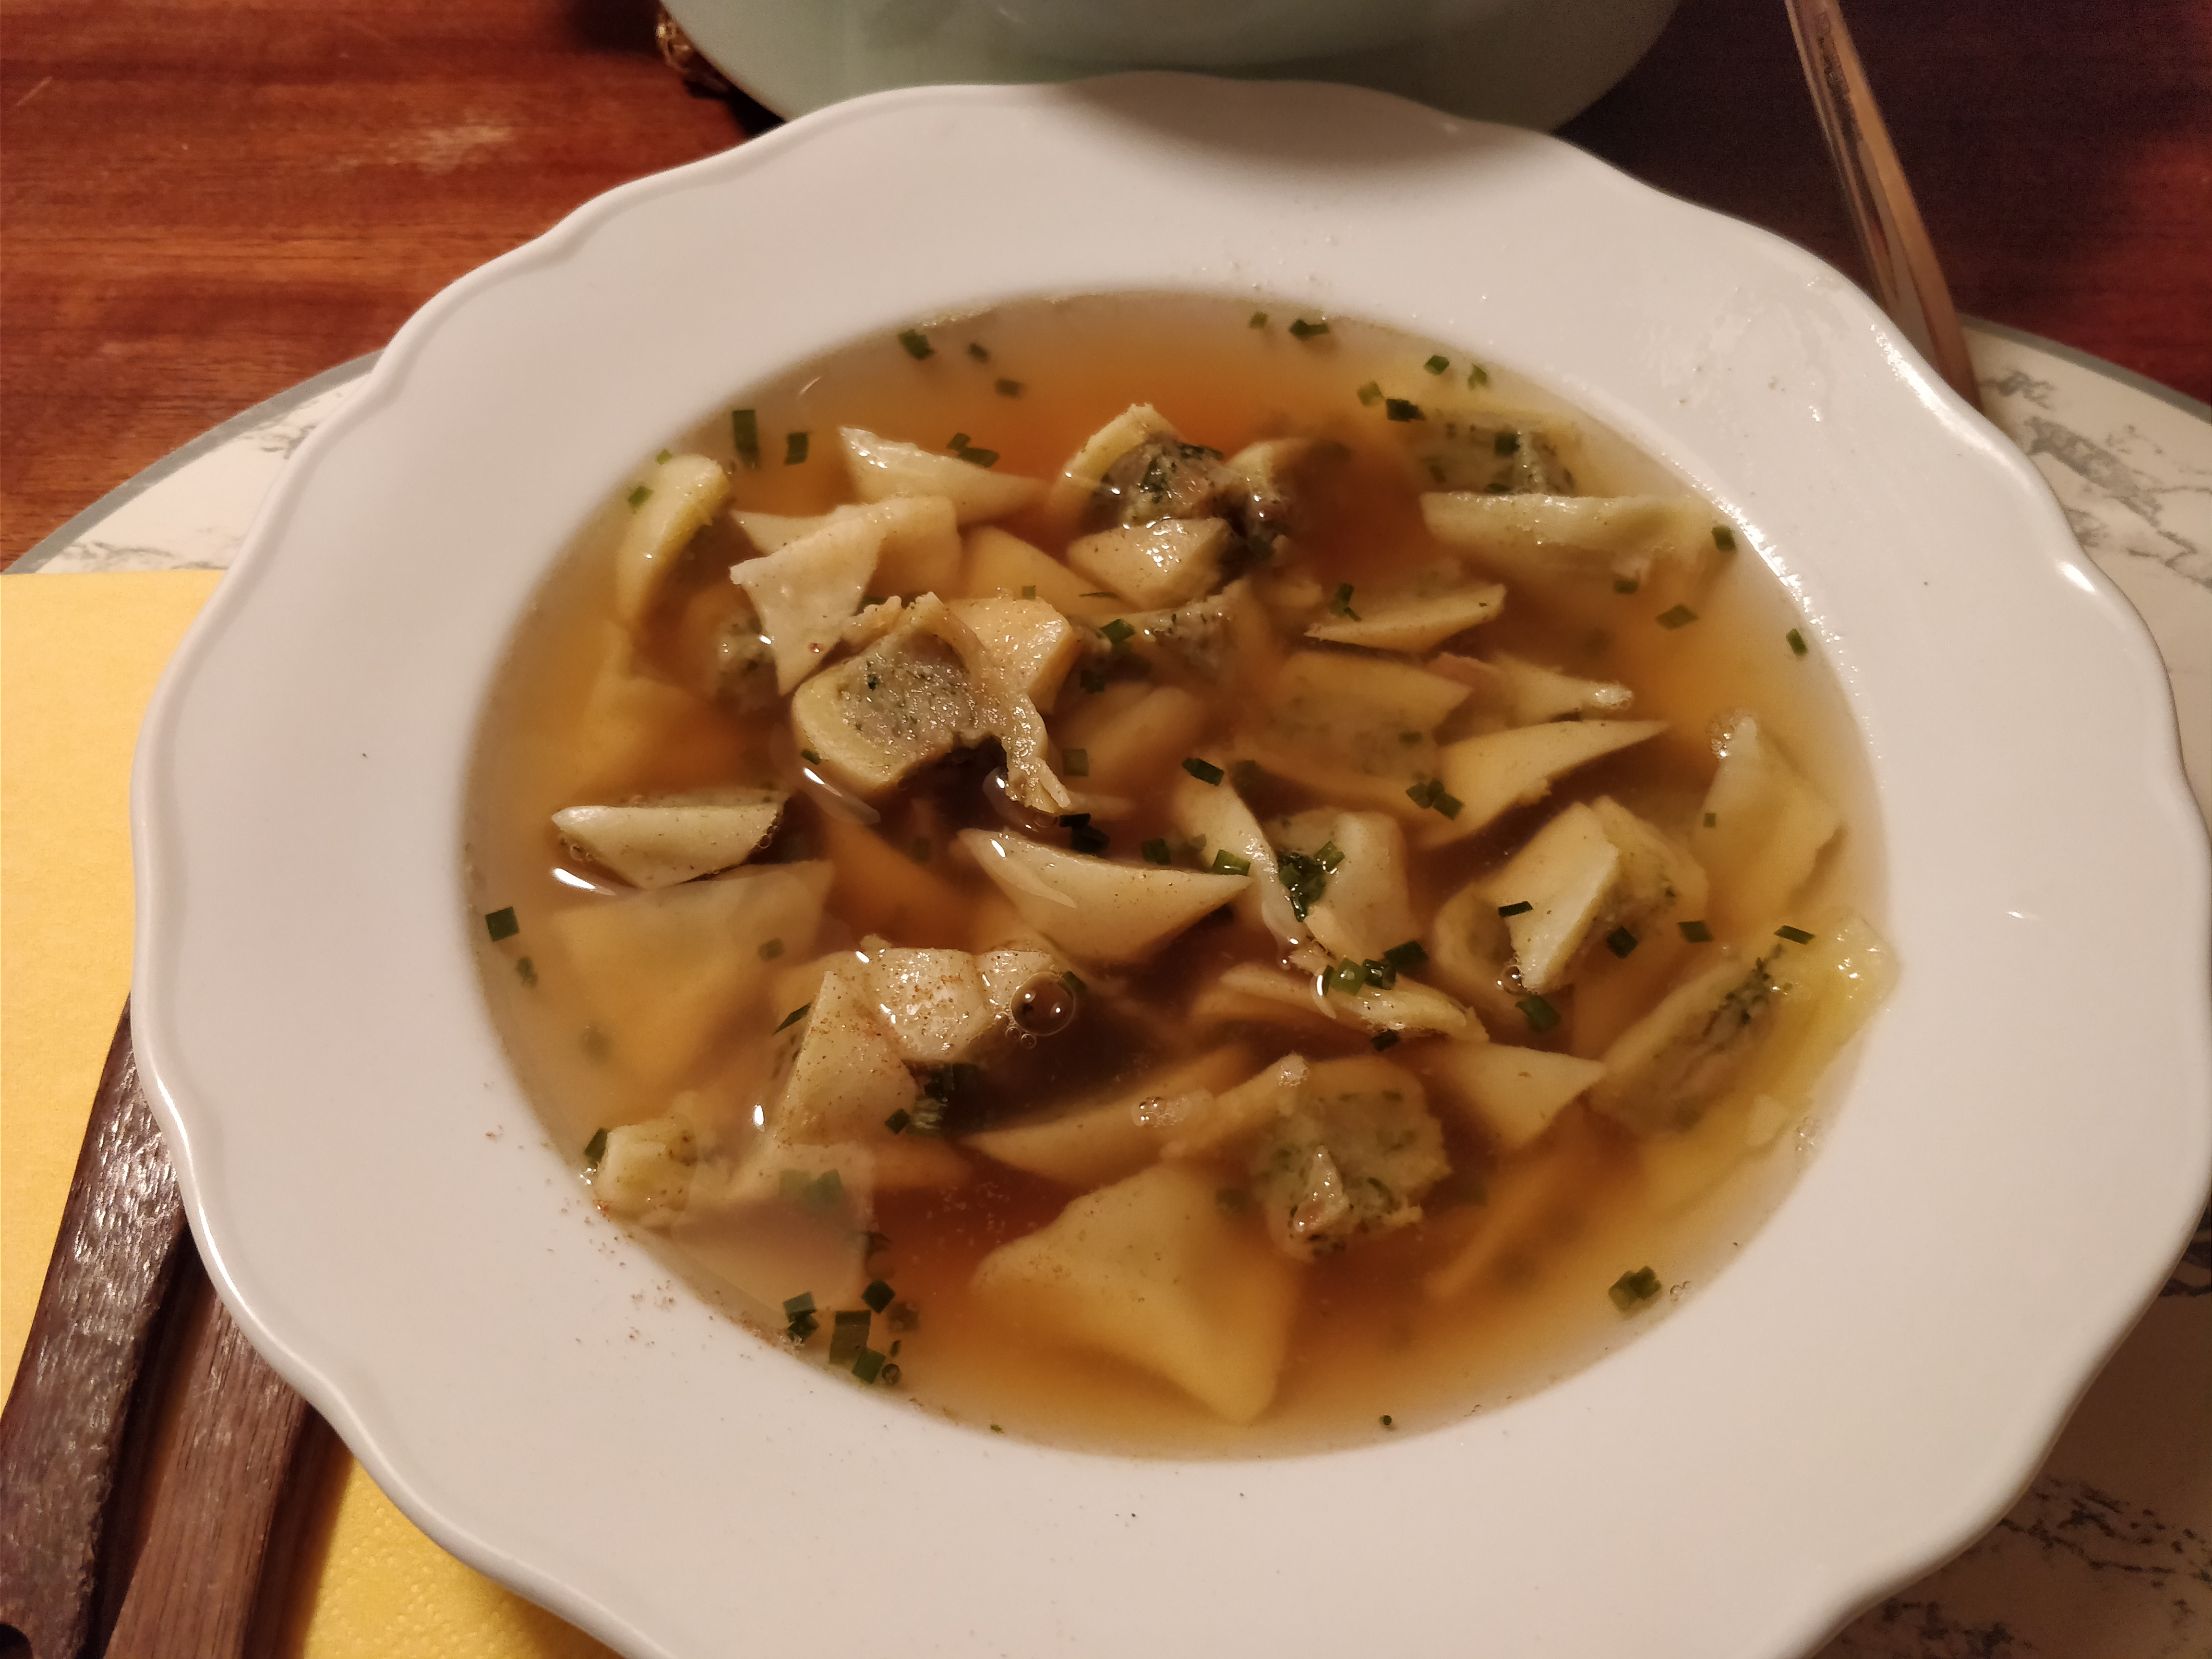 https://foodloader.net/nico_2017-10-14_maultaschen-in-der-bruehe.jpg